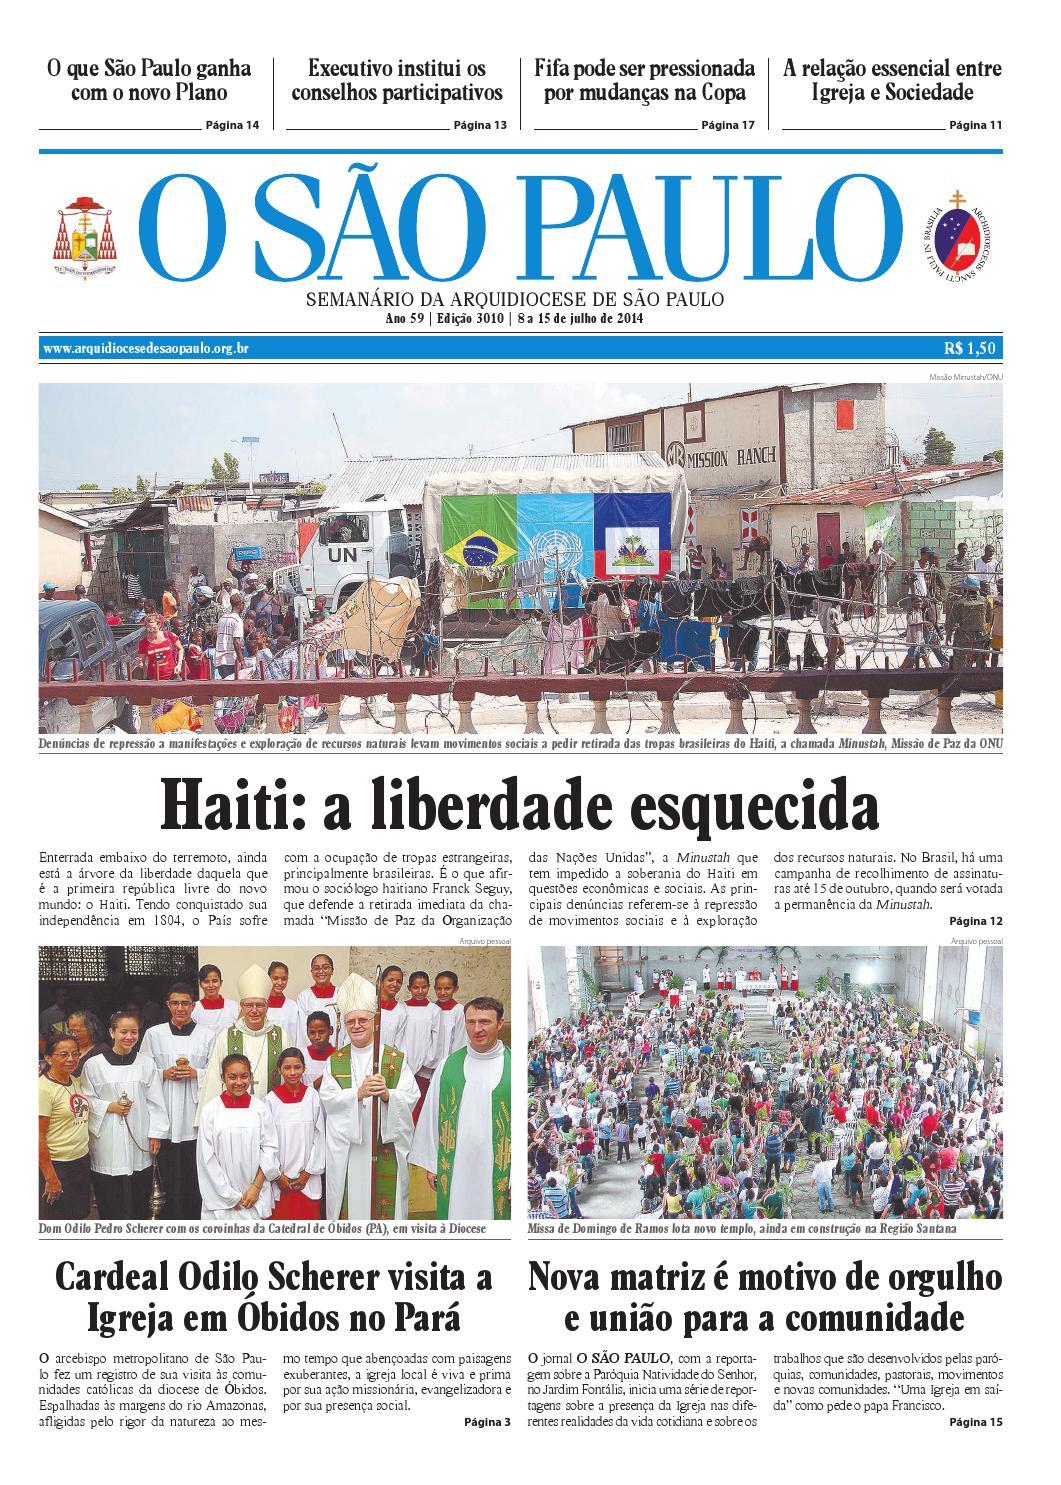 O SÃO PAULO - edição 3010 by jornal O SAO PAULO - issuu 7a8f0691eb